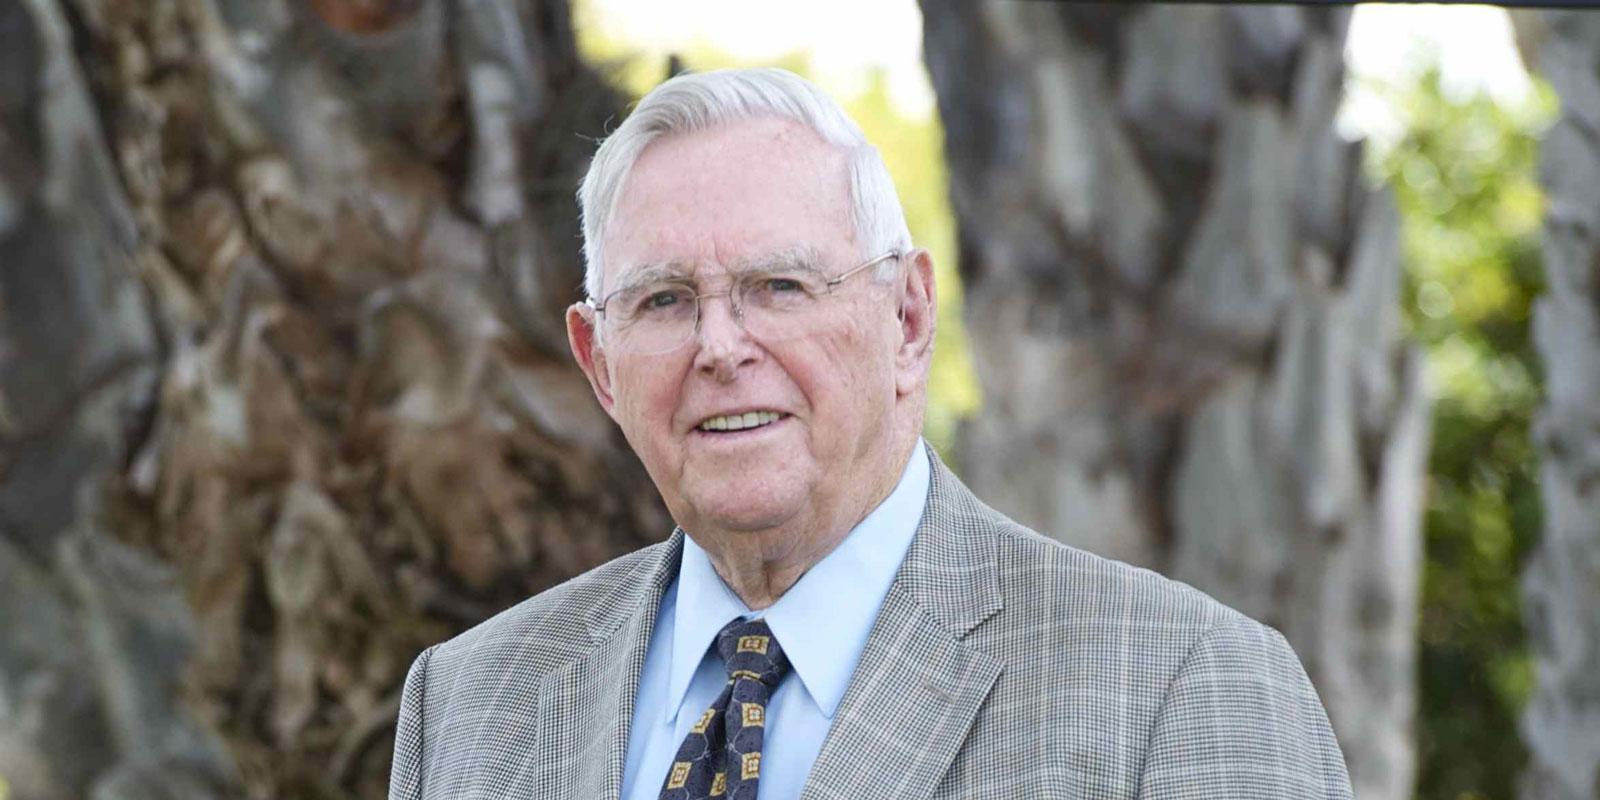 The late Daniel (Dan) F. Mulvihill